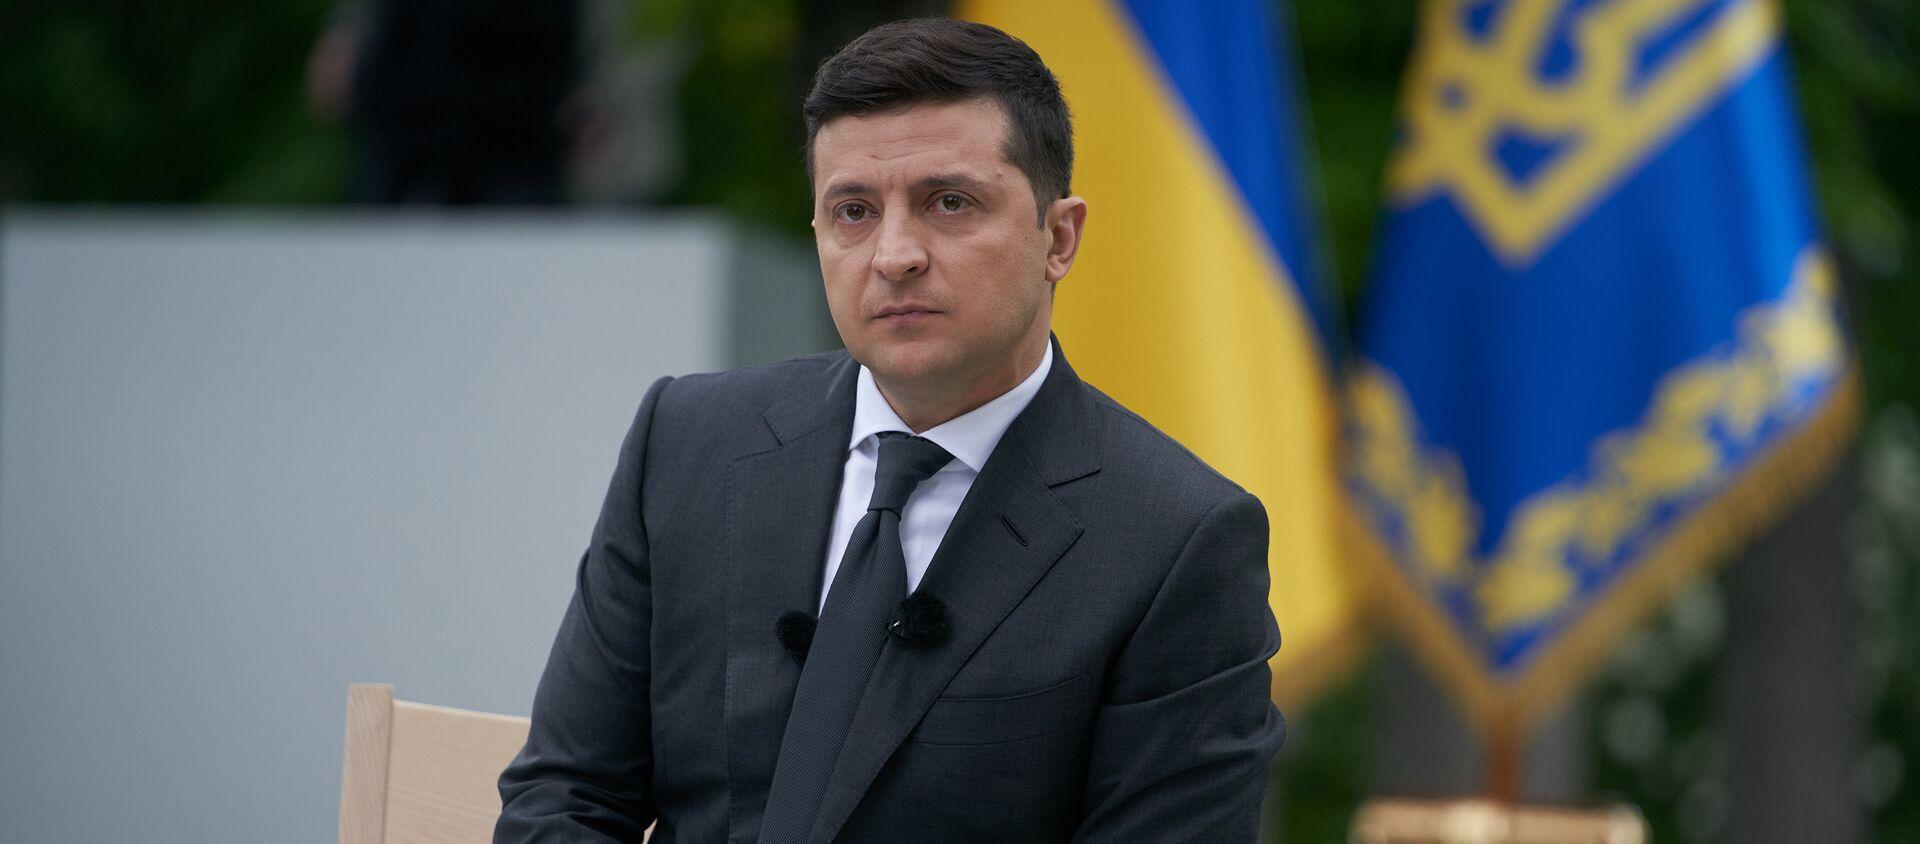 Prezydent Ukrainy Wołodymyr Zełeński. - Sputnik Polska, 1920, 10.06.2021